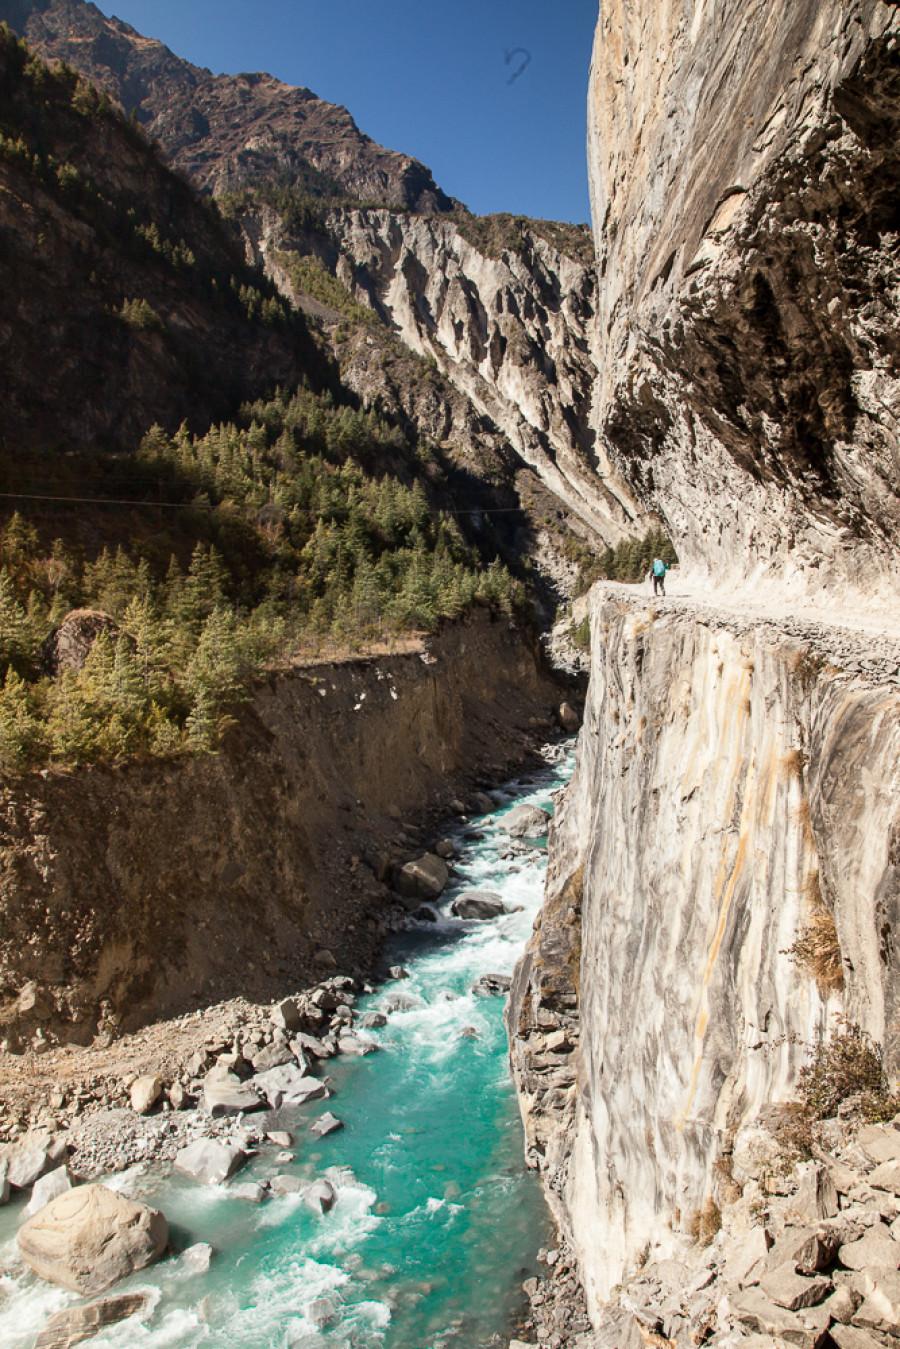 Náš nepálsky sprievodca Padam v područí skaly, do ktorej umné ľudské ruky vložili cestu. (Pavel Hirax Baričák)